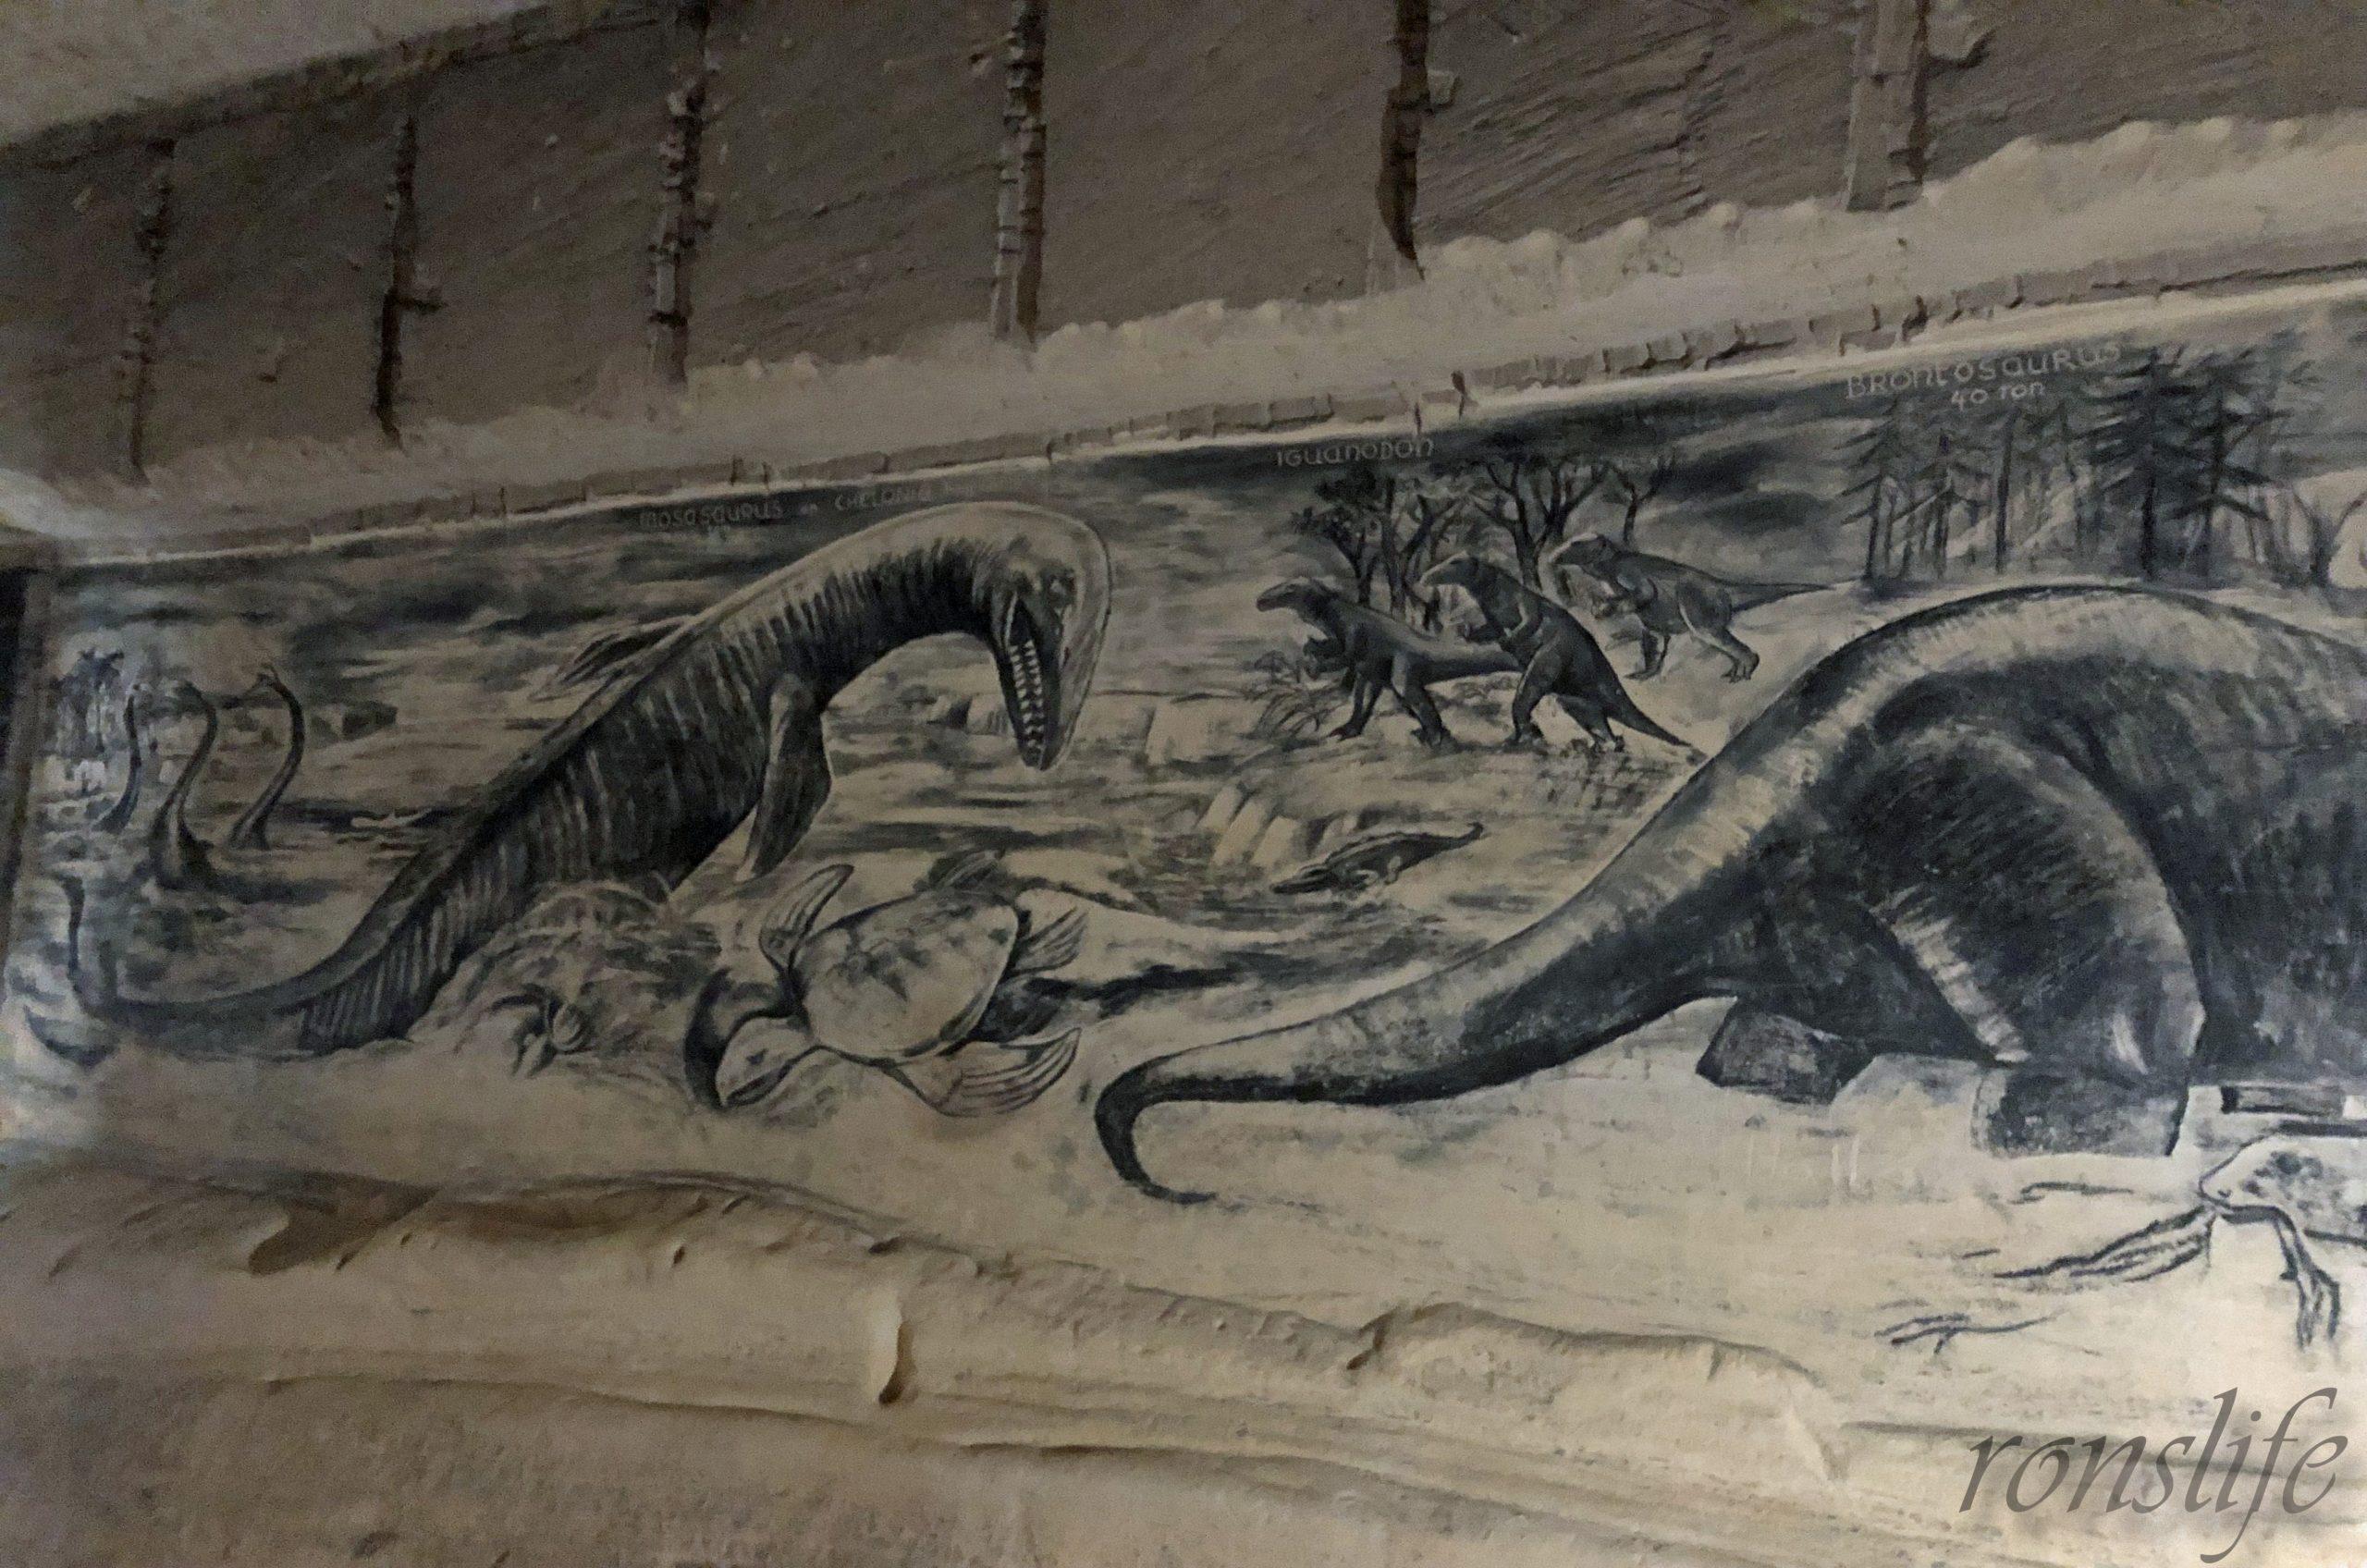 Houtskool tekening van de mosasaurus in Grotten Noord Sint Pietersberg Maastricht